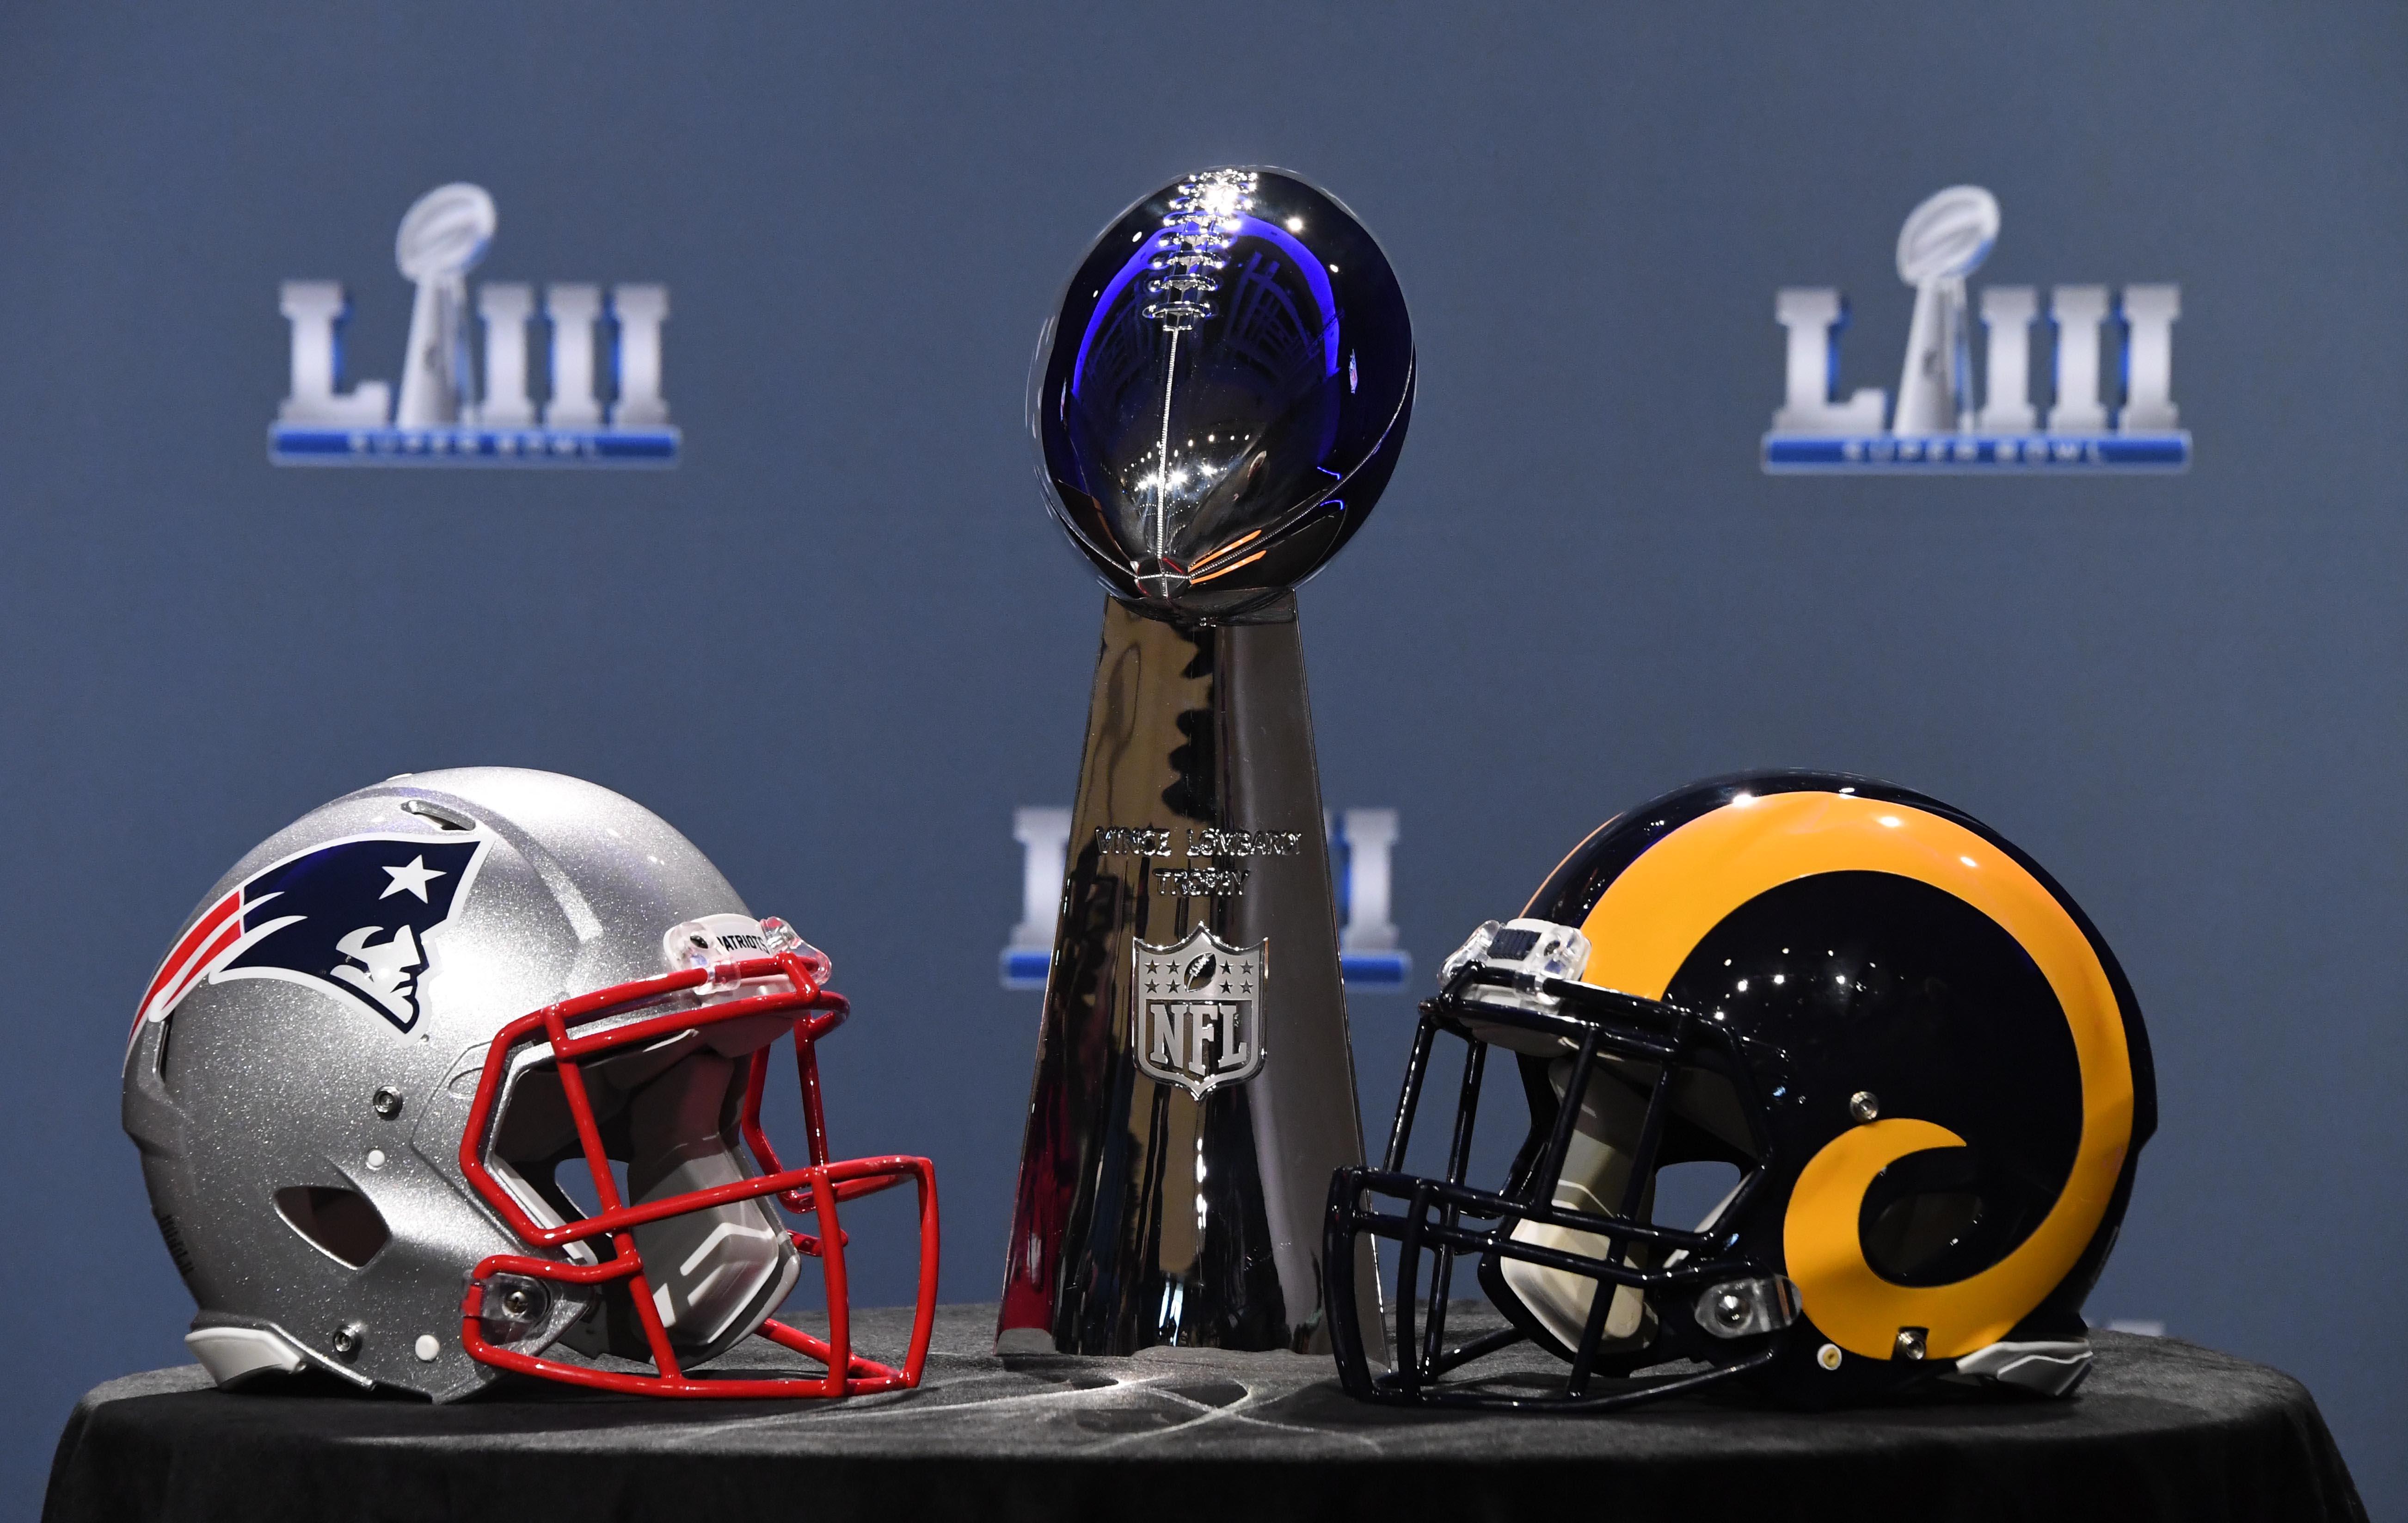 NFL: Super Bowl LIII-NFL Commissioner Roger Goodell Press Conference